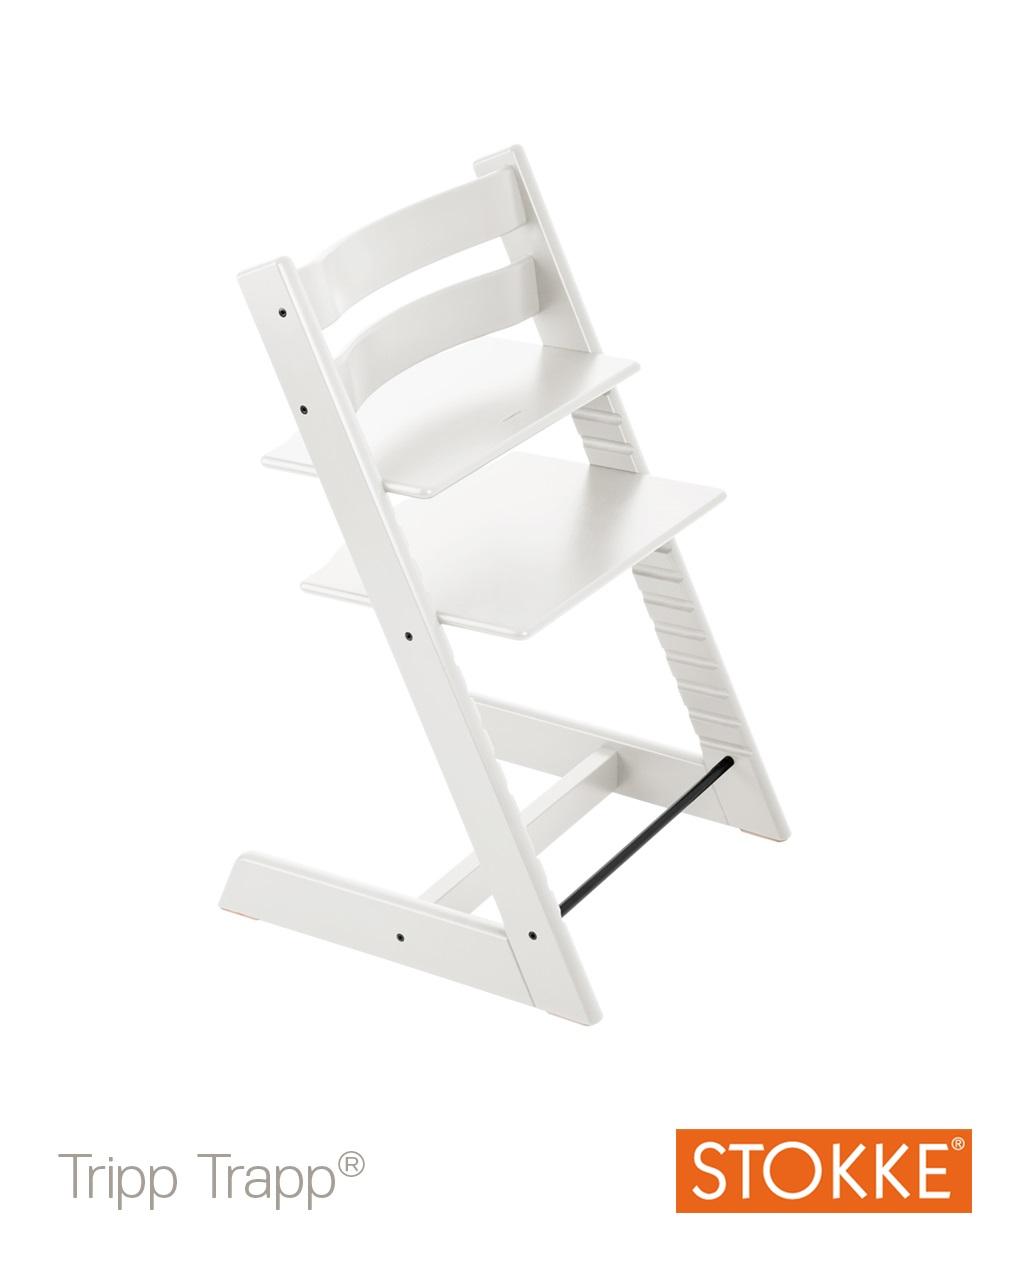 Tripp trapp® - bianco - Stokke